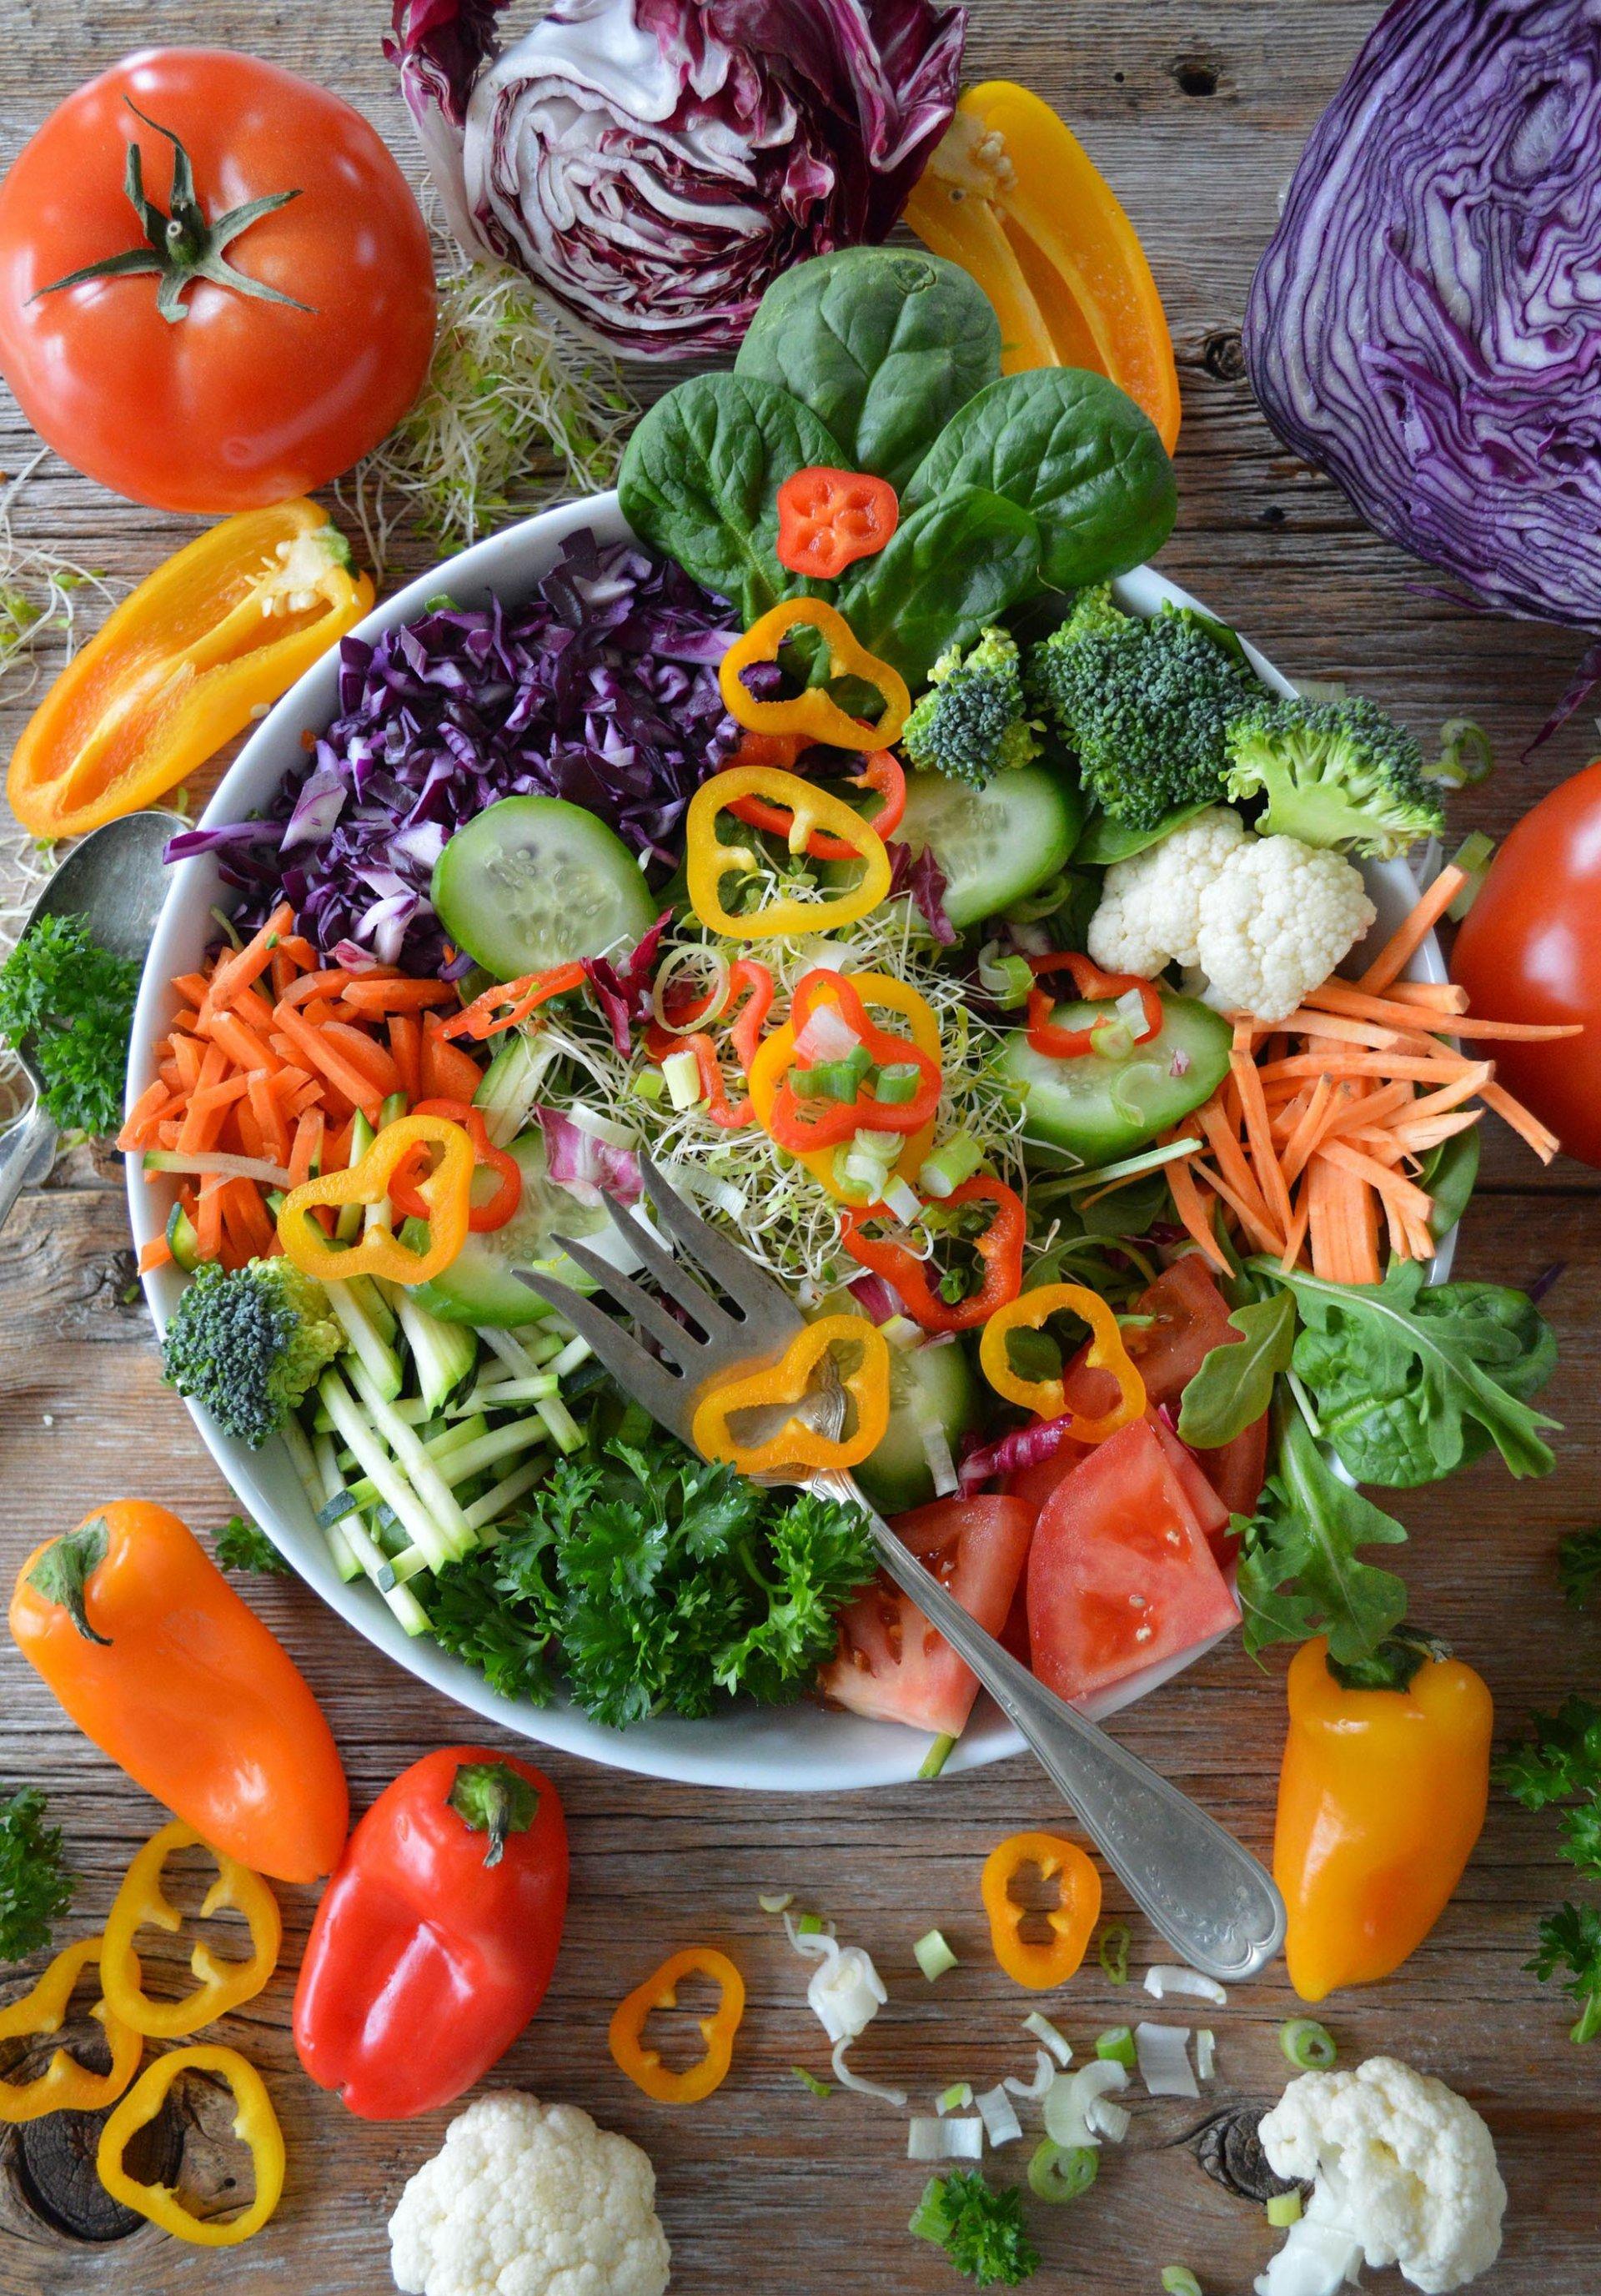 Beslenme ve Diyet Uzmanından mutluluğun formülü